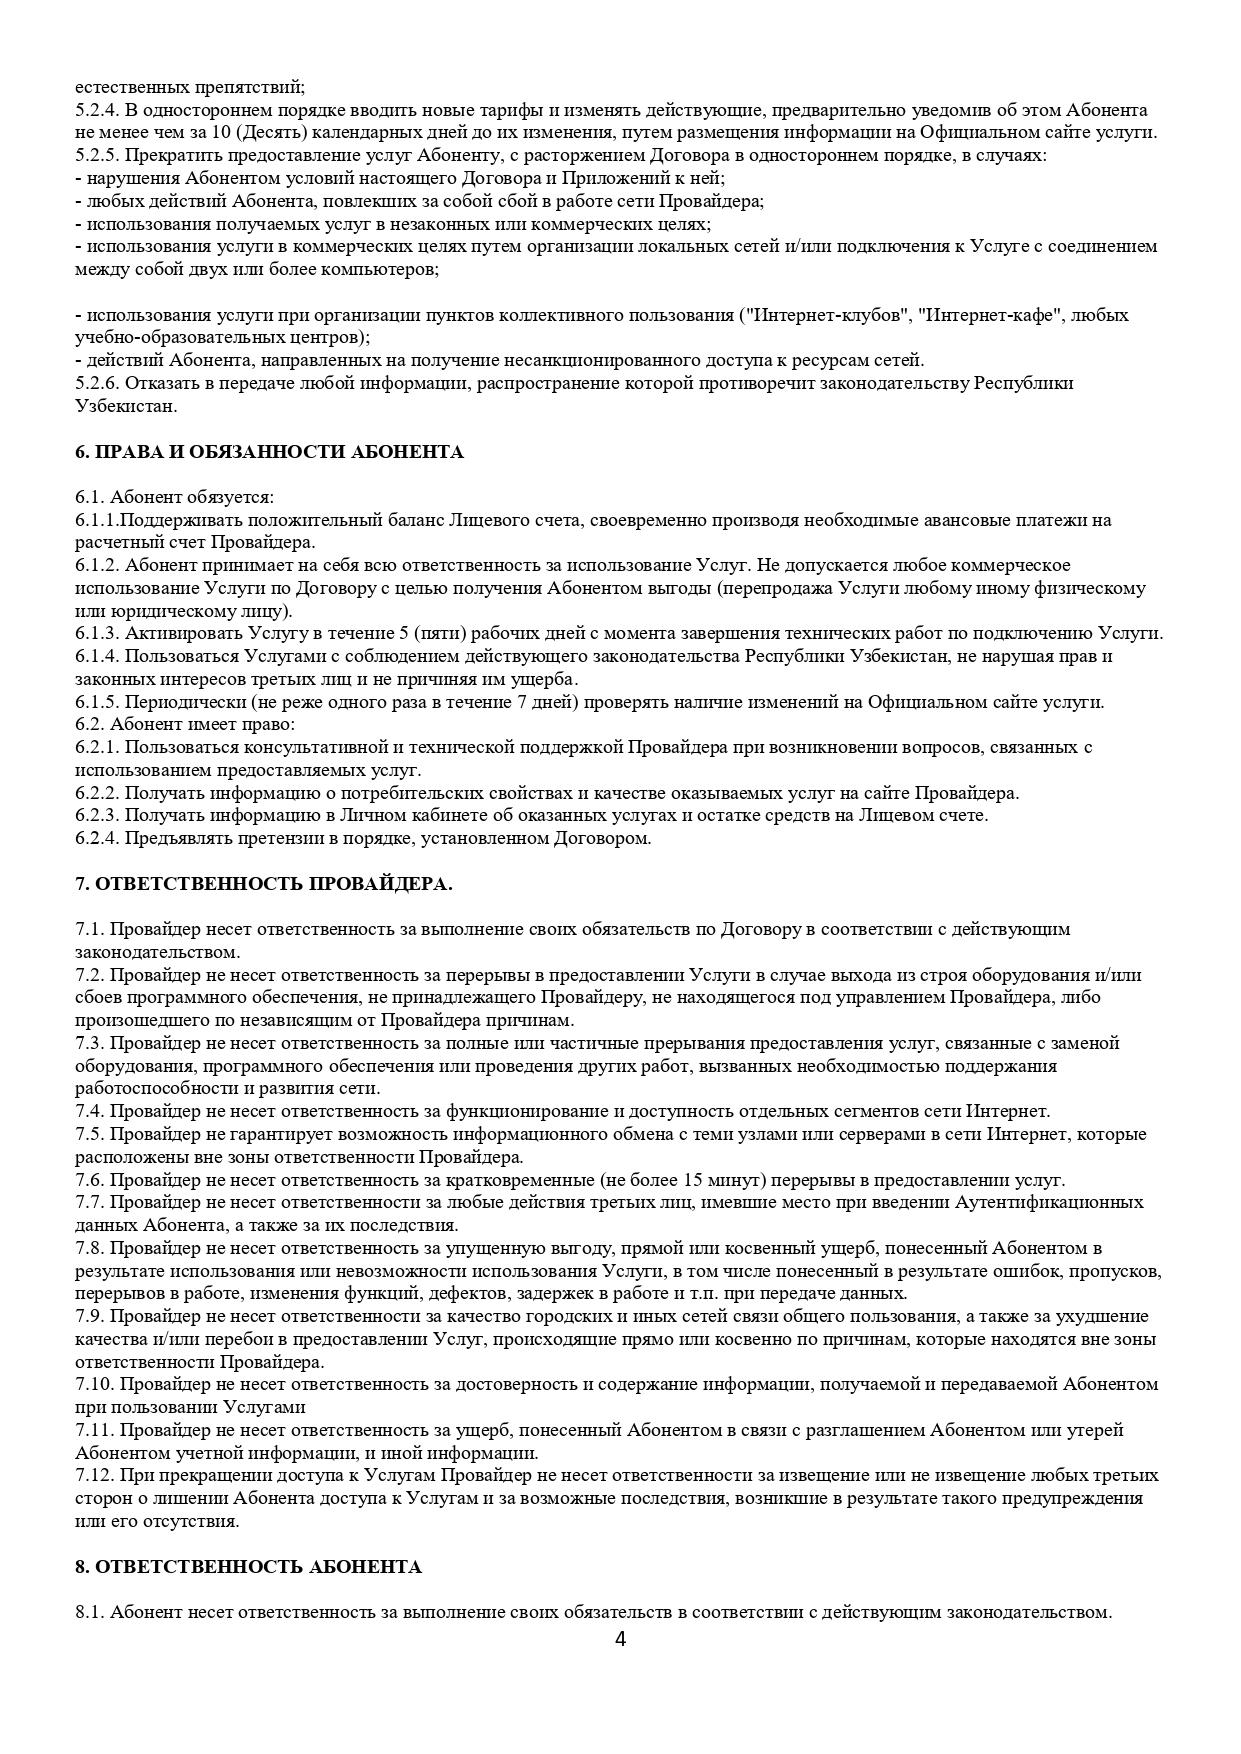 Публичная оферта4